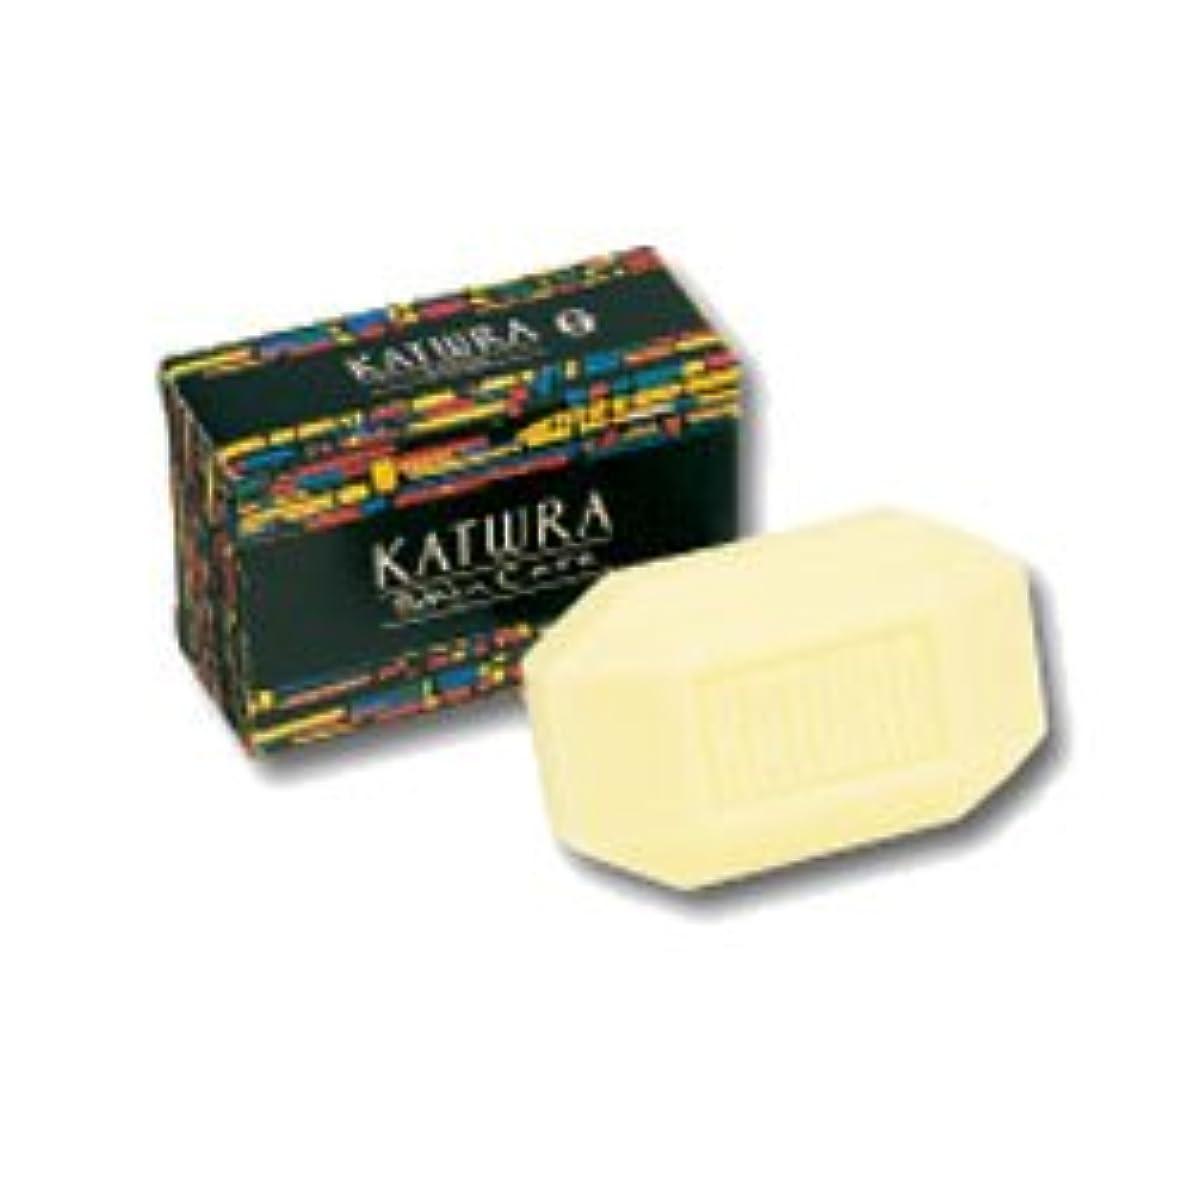 【カツウラ化粧品】カツウラ?サボン(グリーンフローラルの香り) 100g ×3個セット